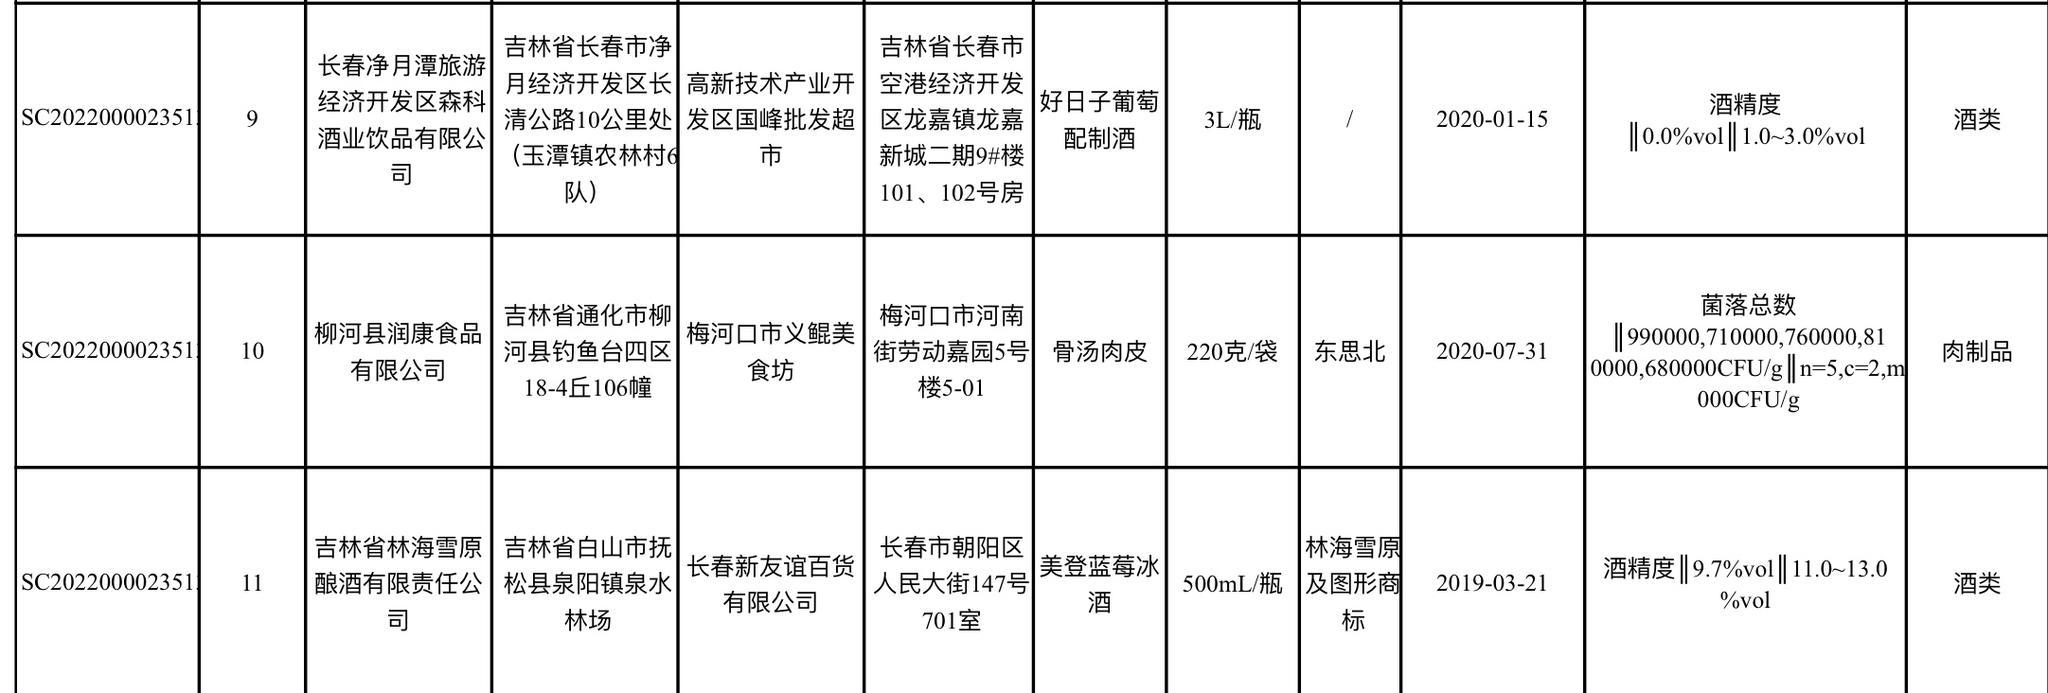 吉林省抽检食品安全,4批次酒类酒精度不合格